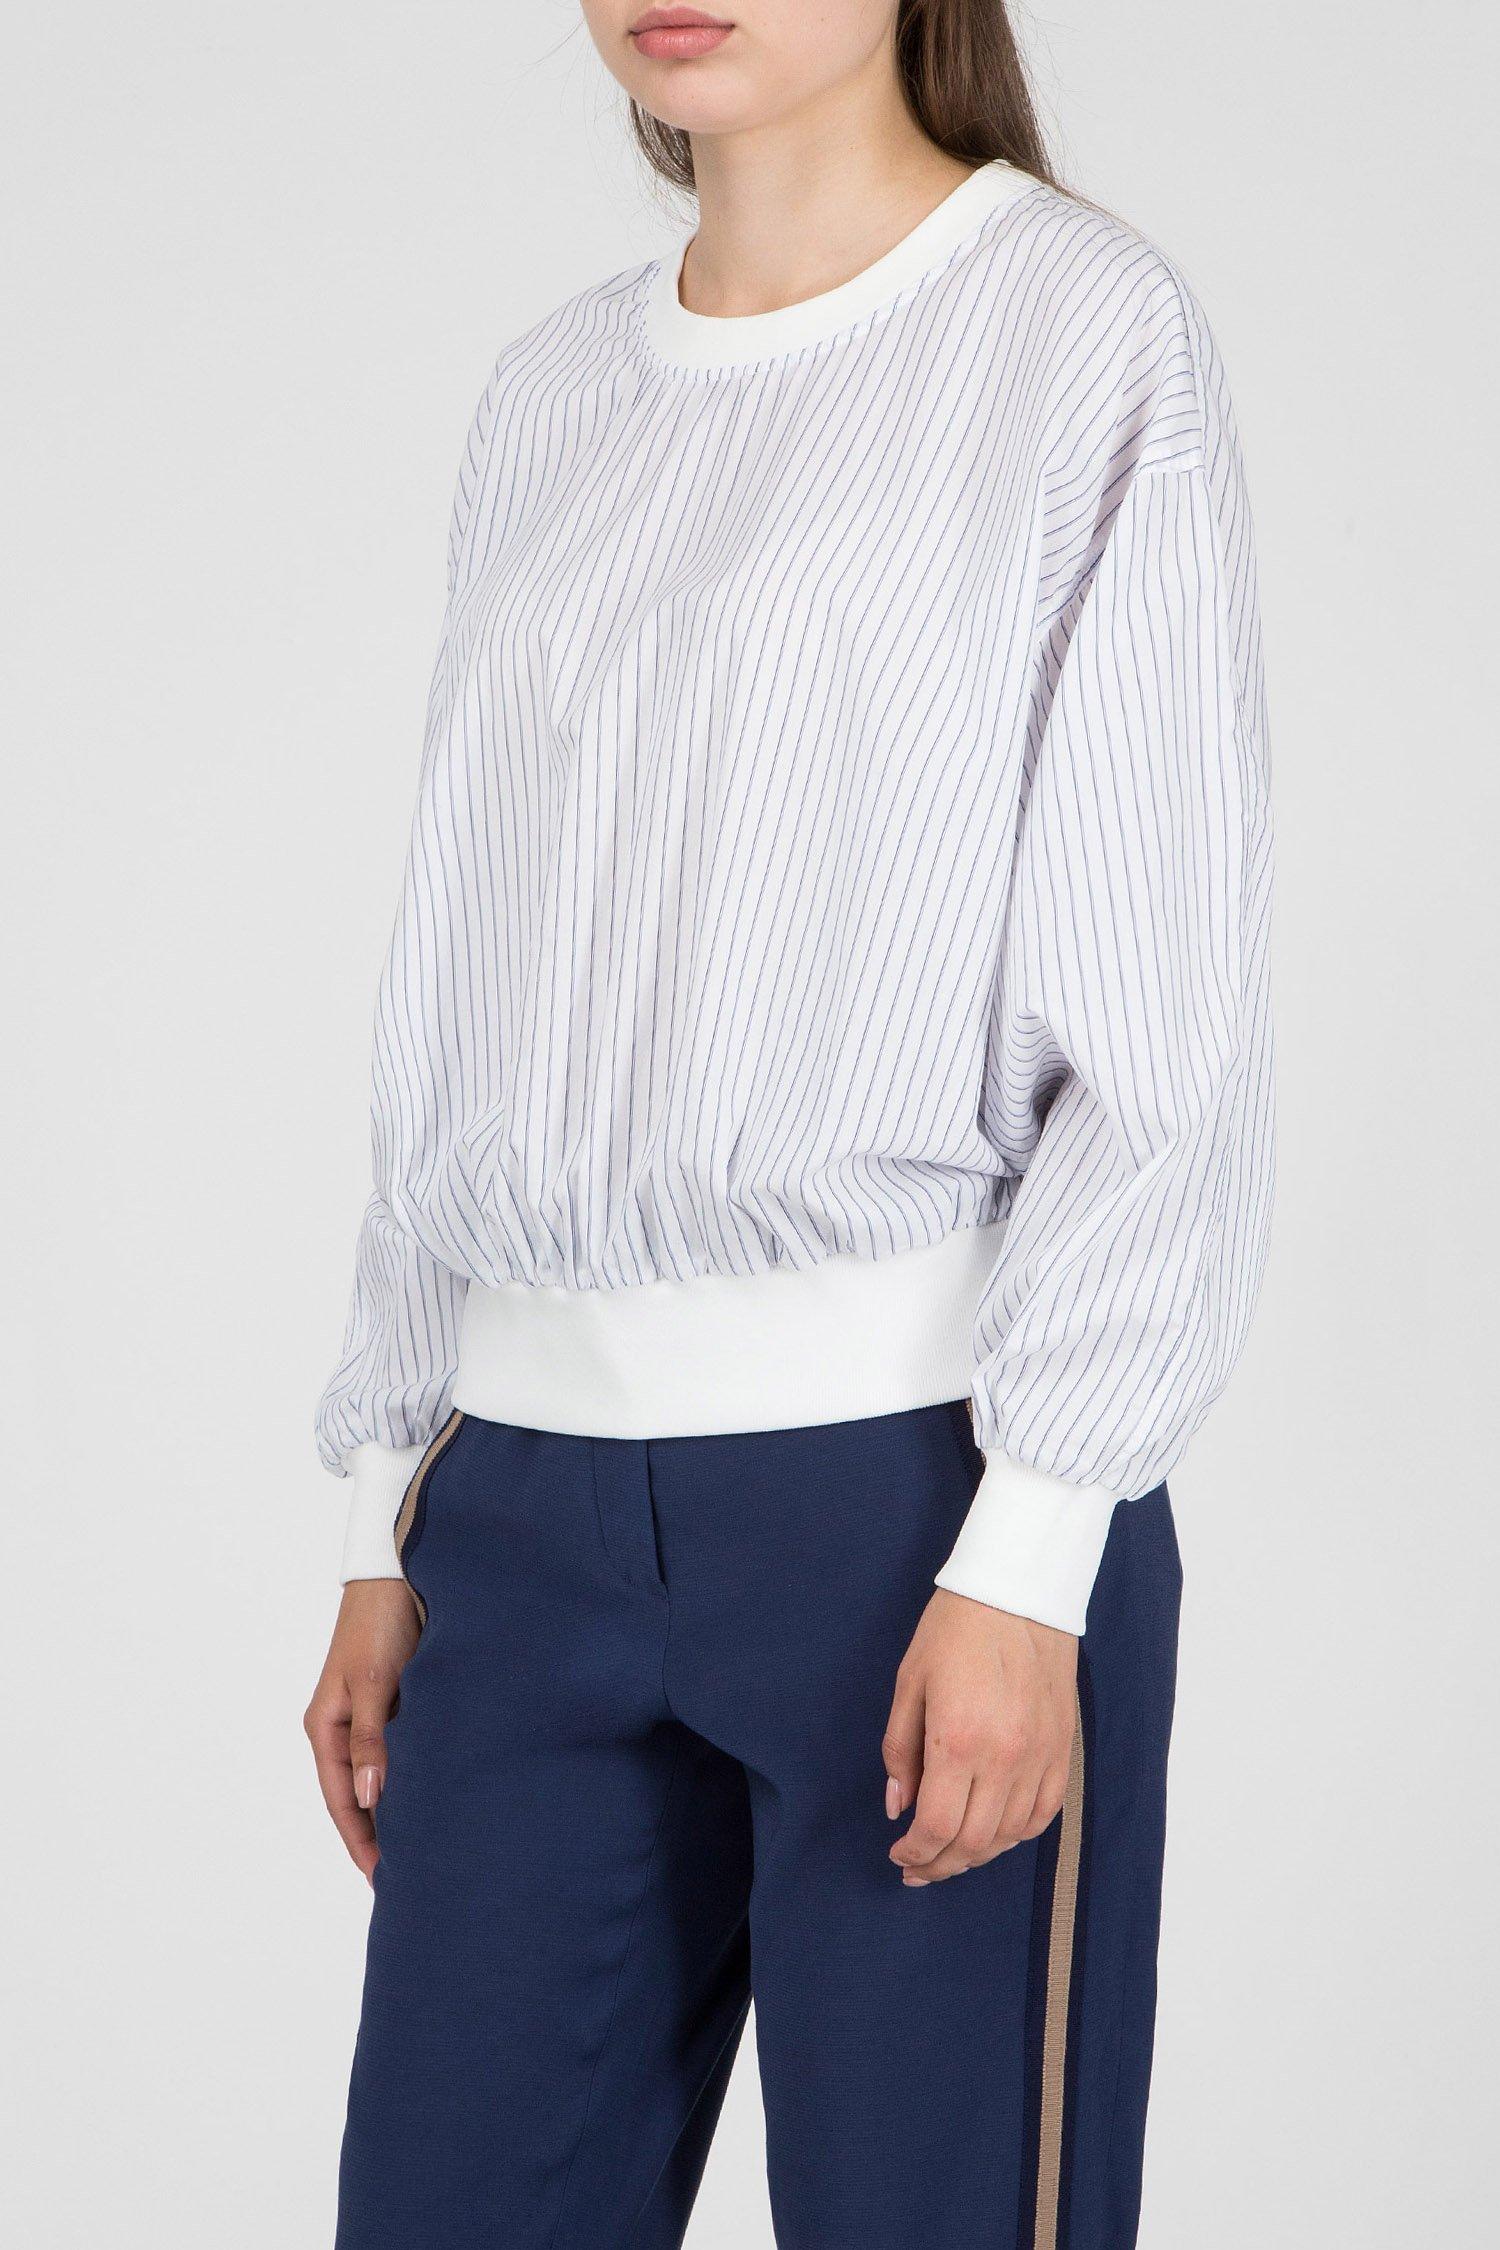 Купить Женская блуза в полоску IVY Closed Closed C94863-2A7-20-200 – Киев, Украина. Цены в интернет магазине MD Fashion